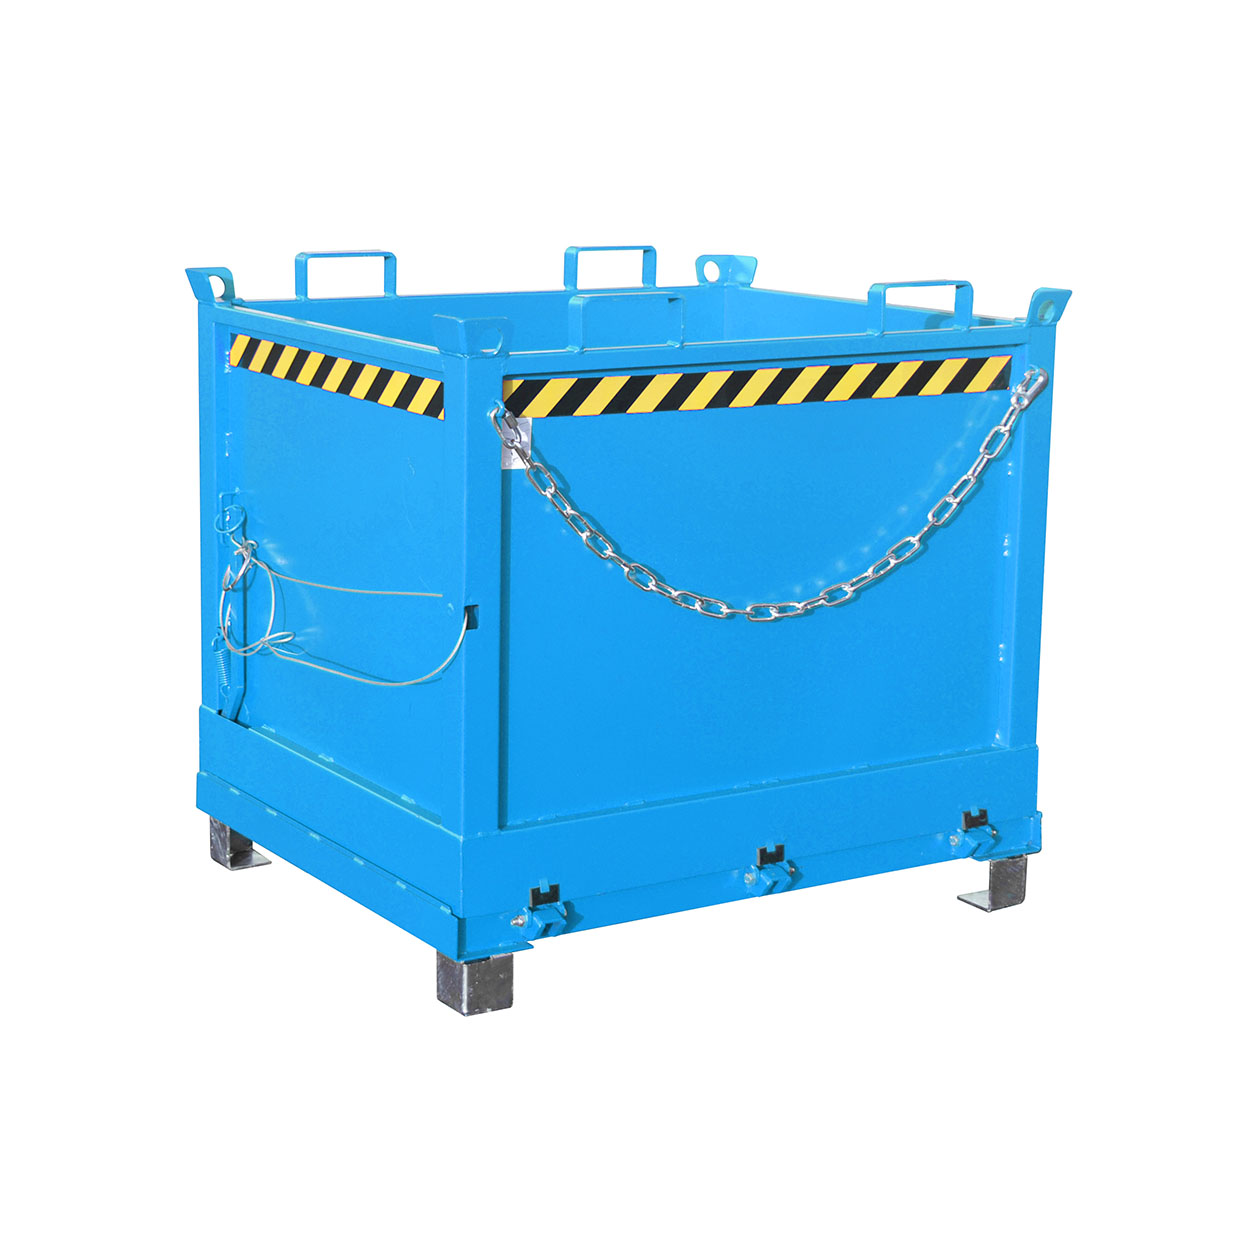 Stohovatelný kontejner s vyklápěcím dnem s lištami